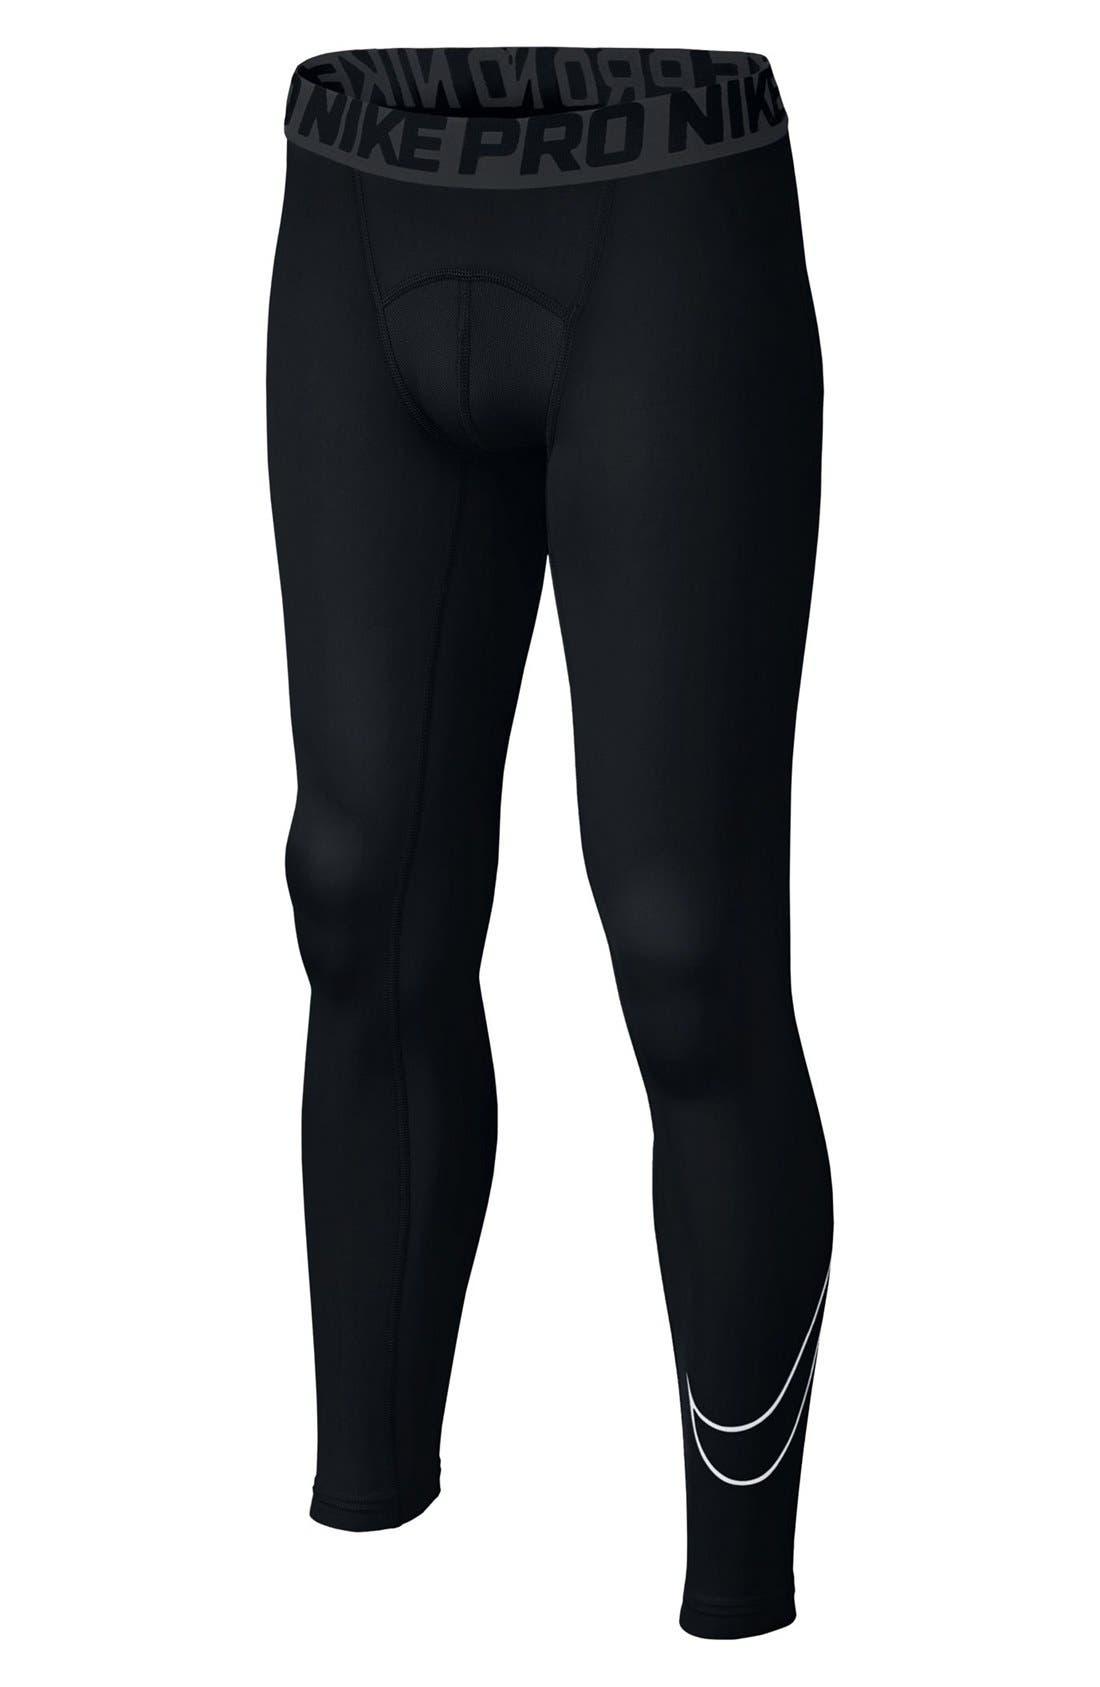 Nike Dri-FIT Compression Tights (Little Boys & Big Boys)